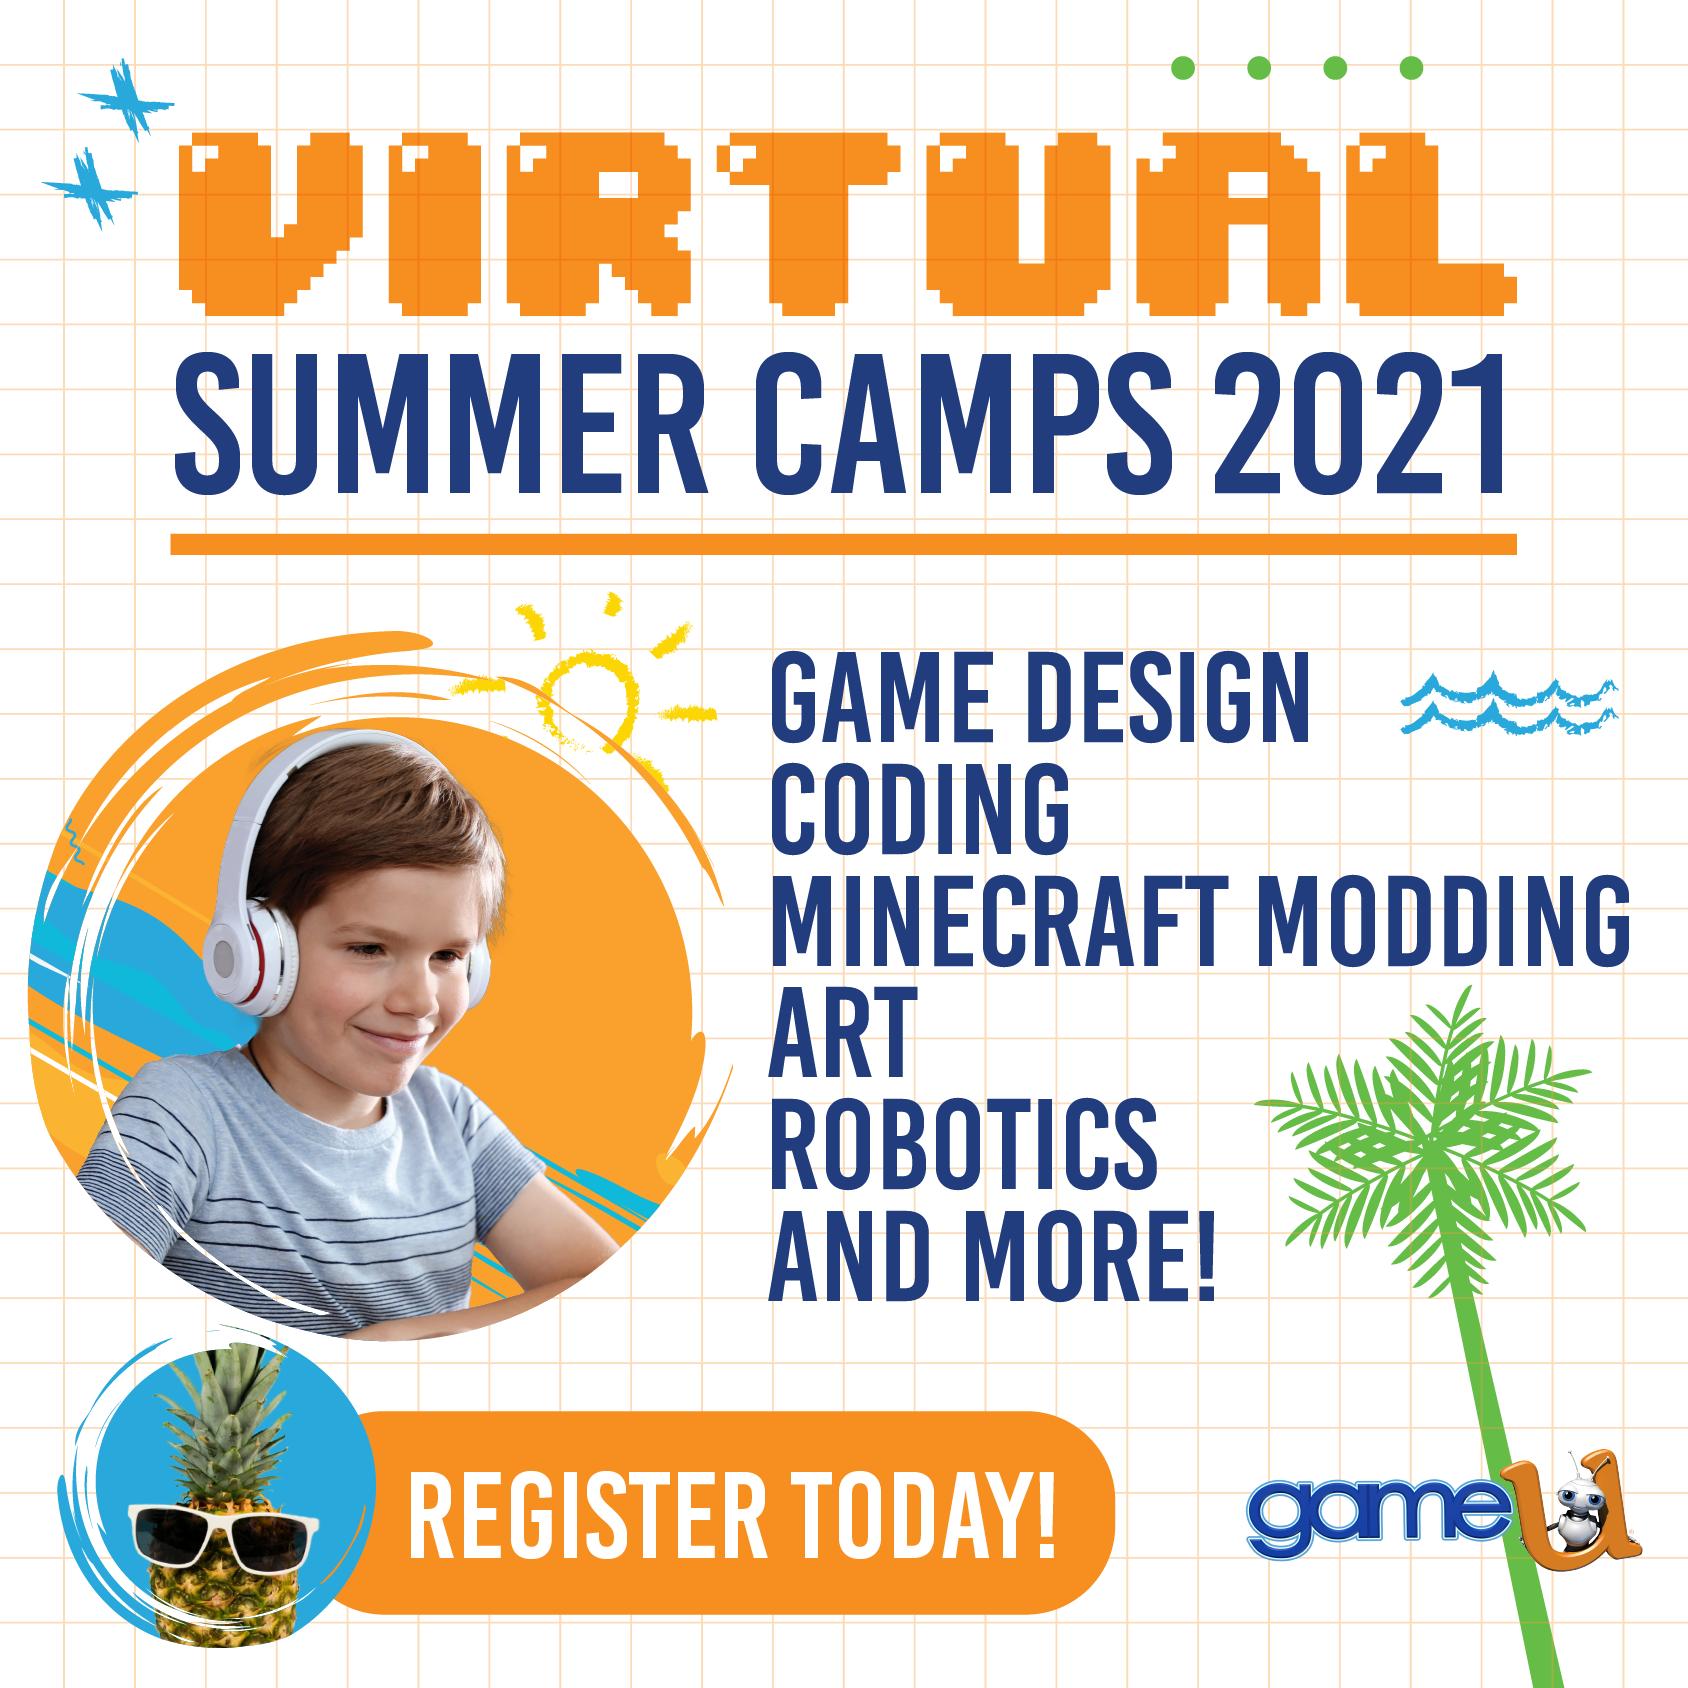 Tech summer camp